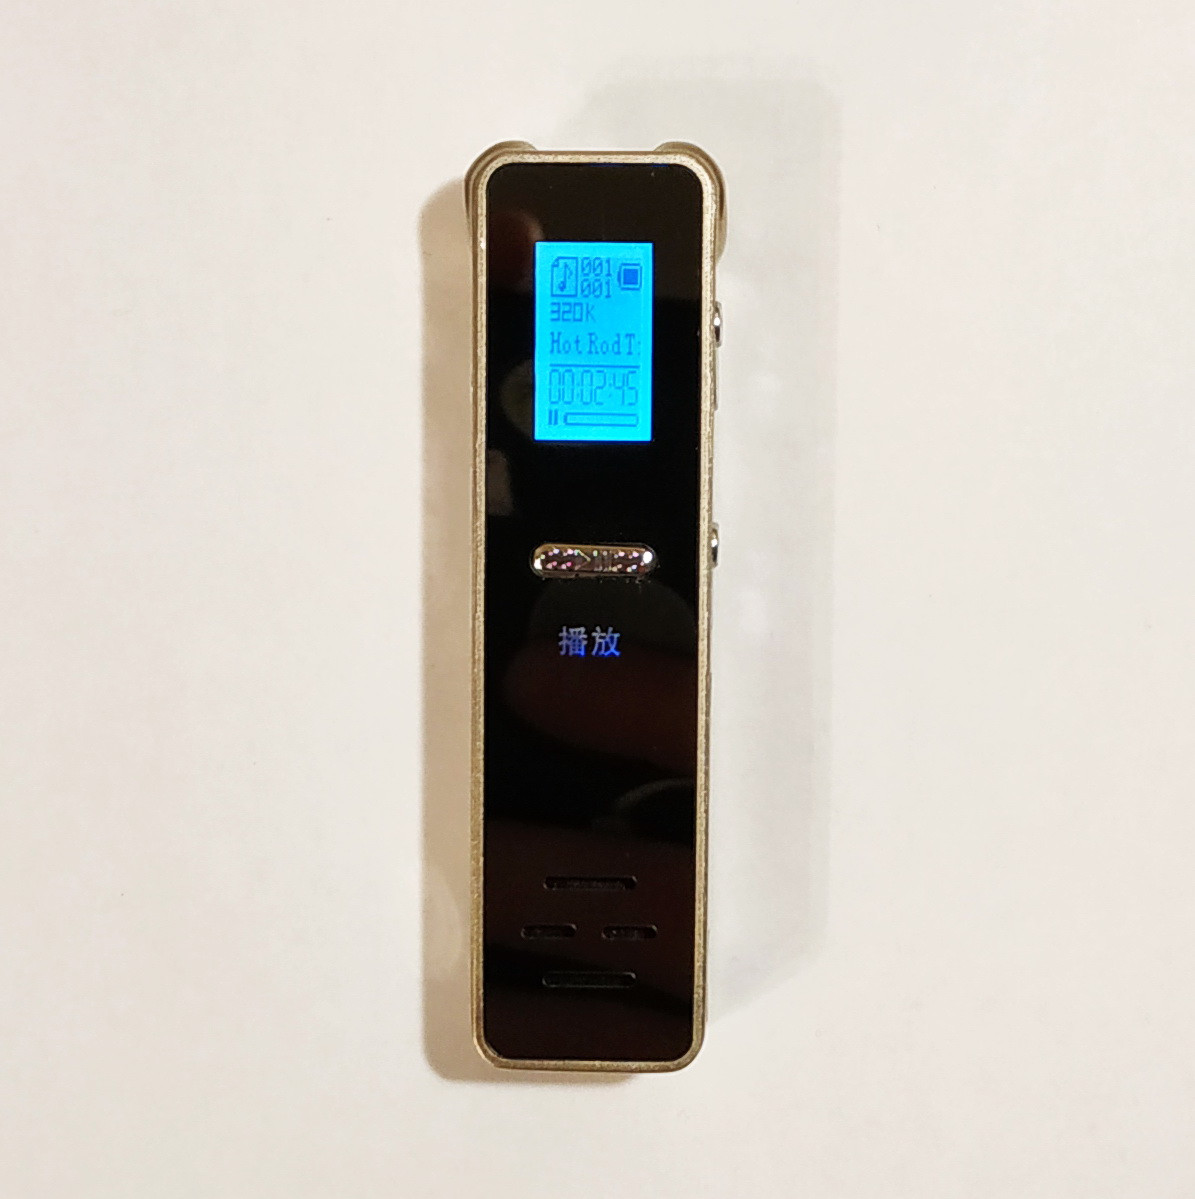 Диктофон UnisCom M8,  microSD цифровой аккумуляторный USB. Без встроенной памяти